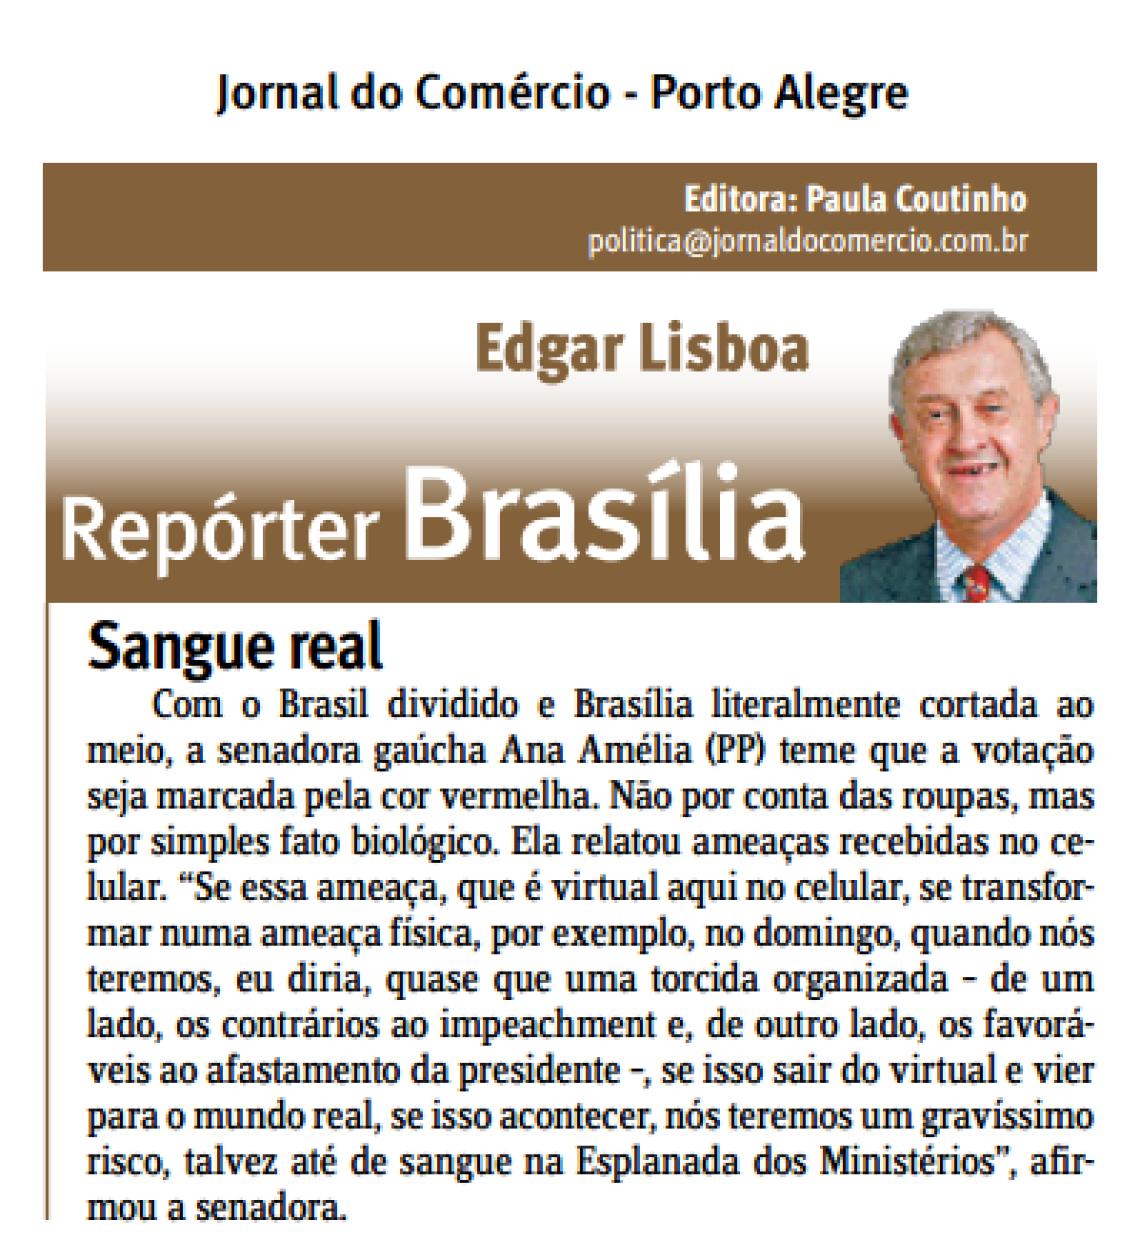 Jornal do Comércio: Edgar Lisboa - Sangue real